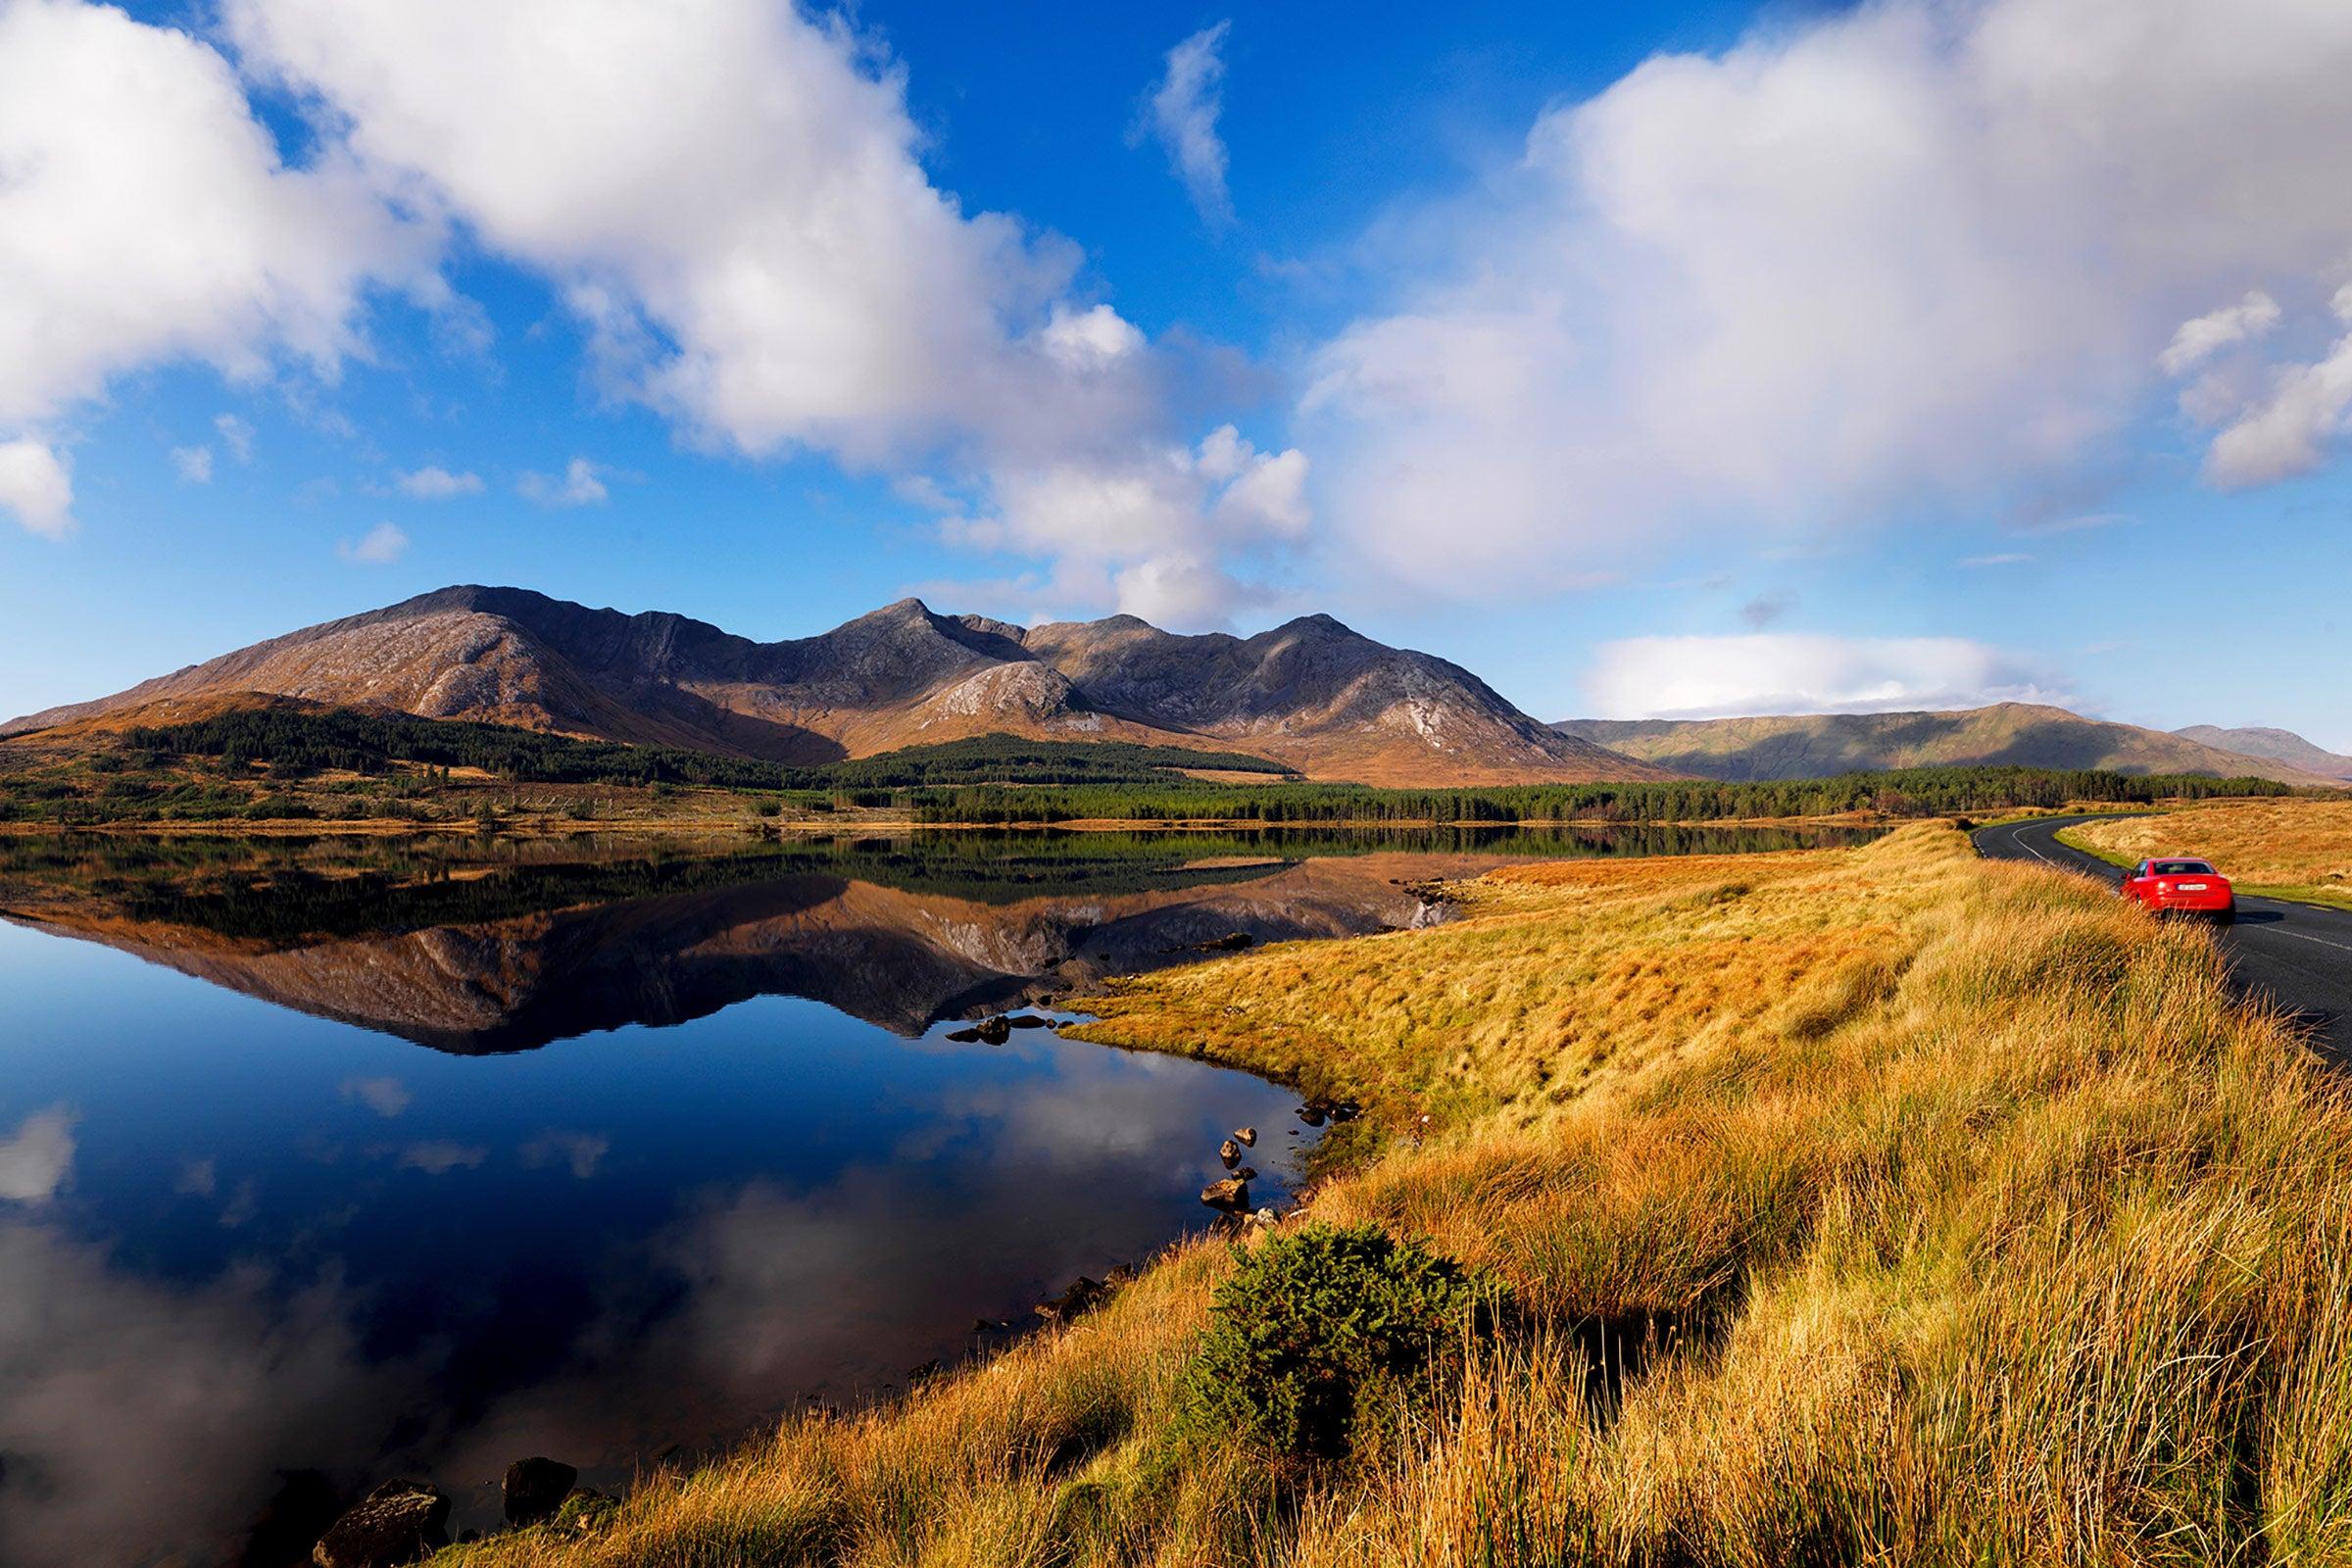 Blue skies, mountains and a lake at Connemara National Park